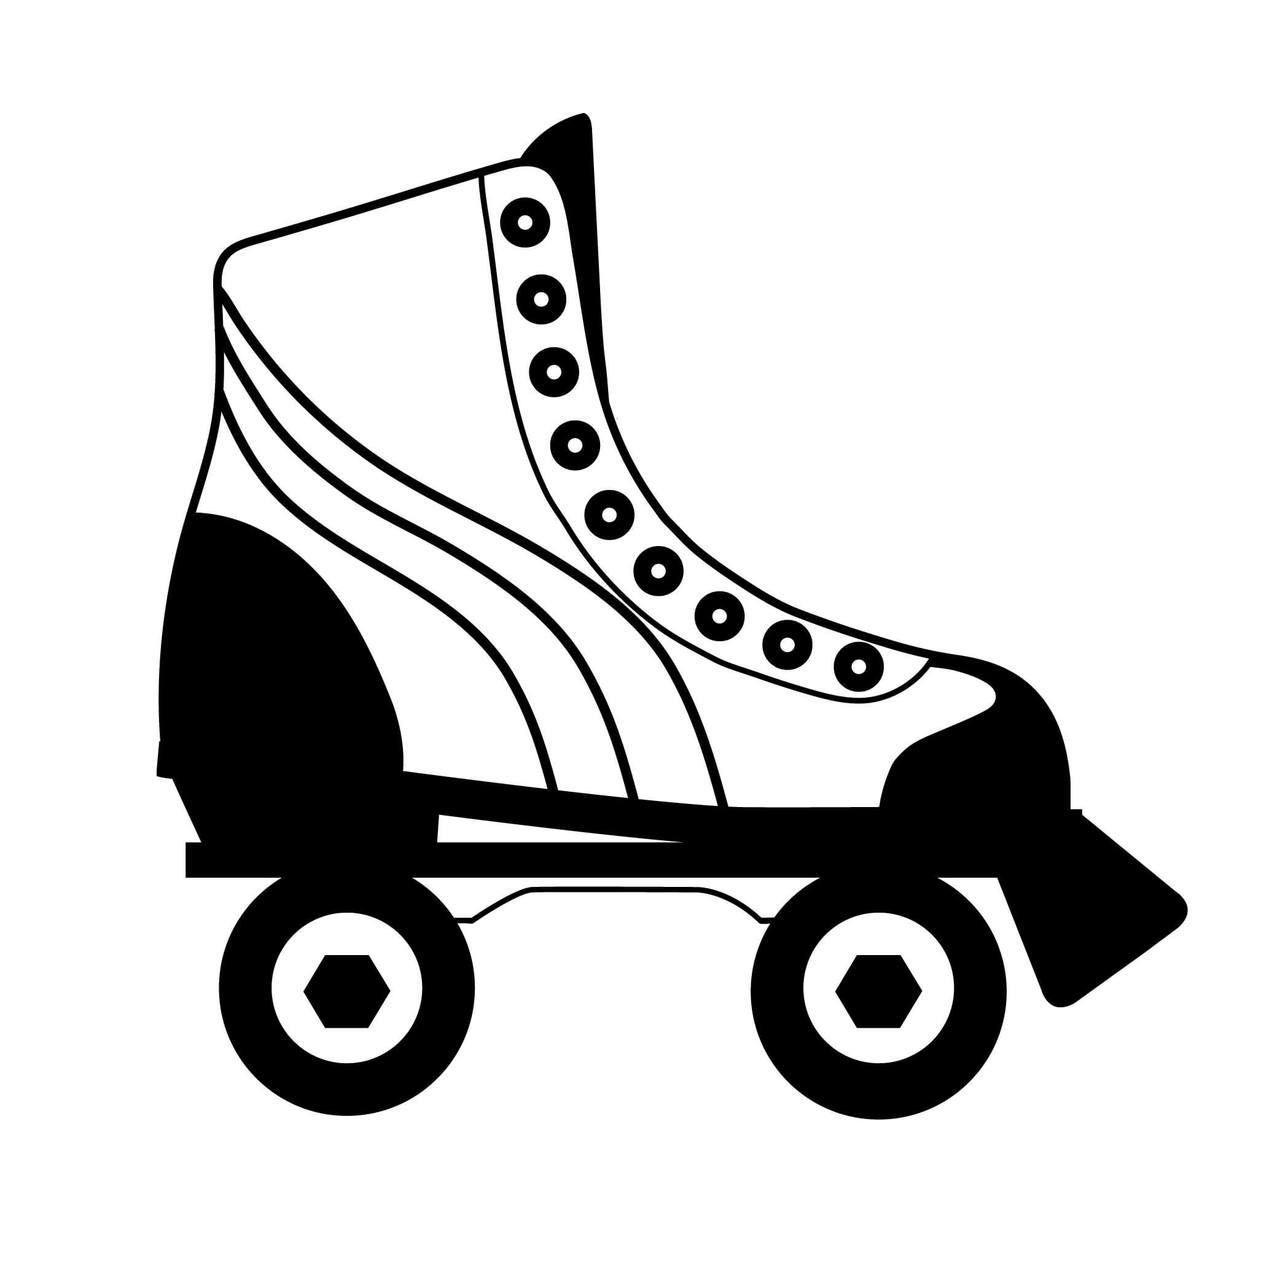 Pin on Skating.